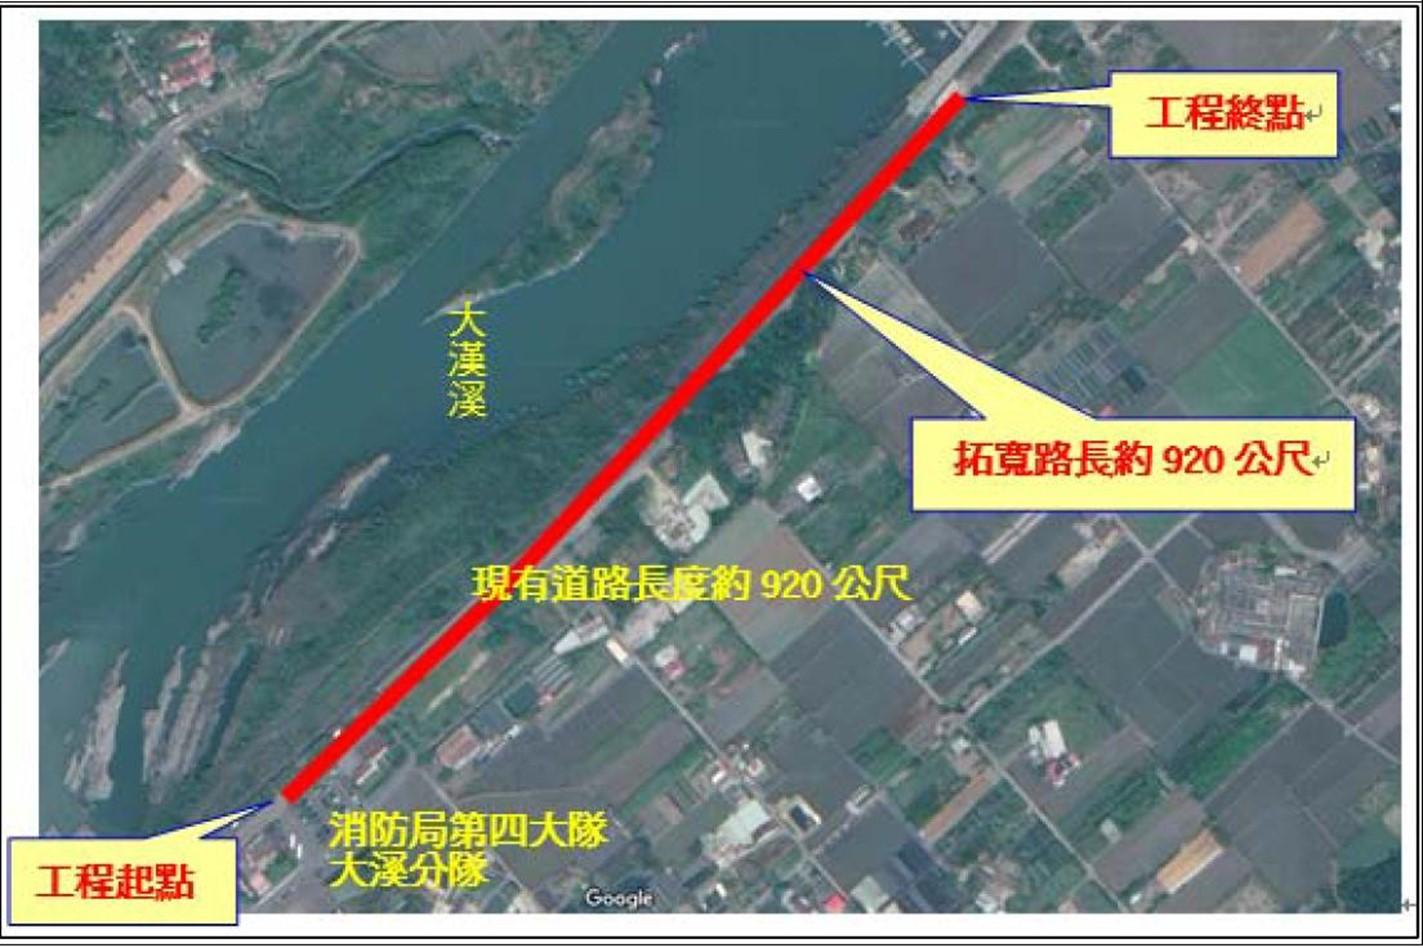 大溪區月眉防汛道路拓寬工程範圍圖